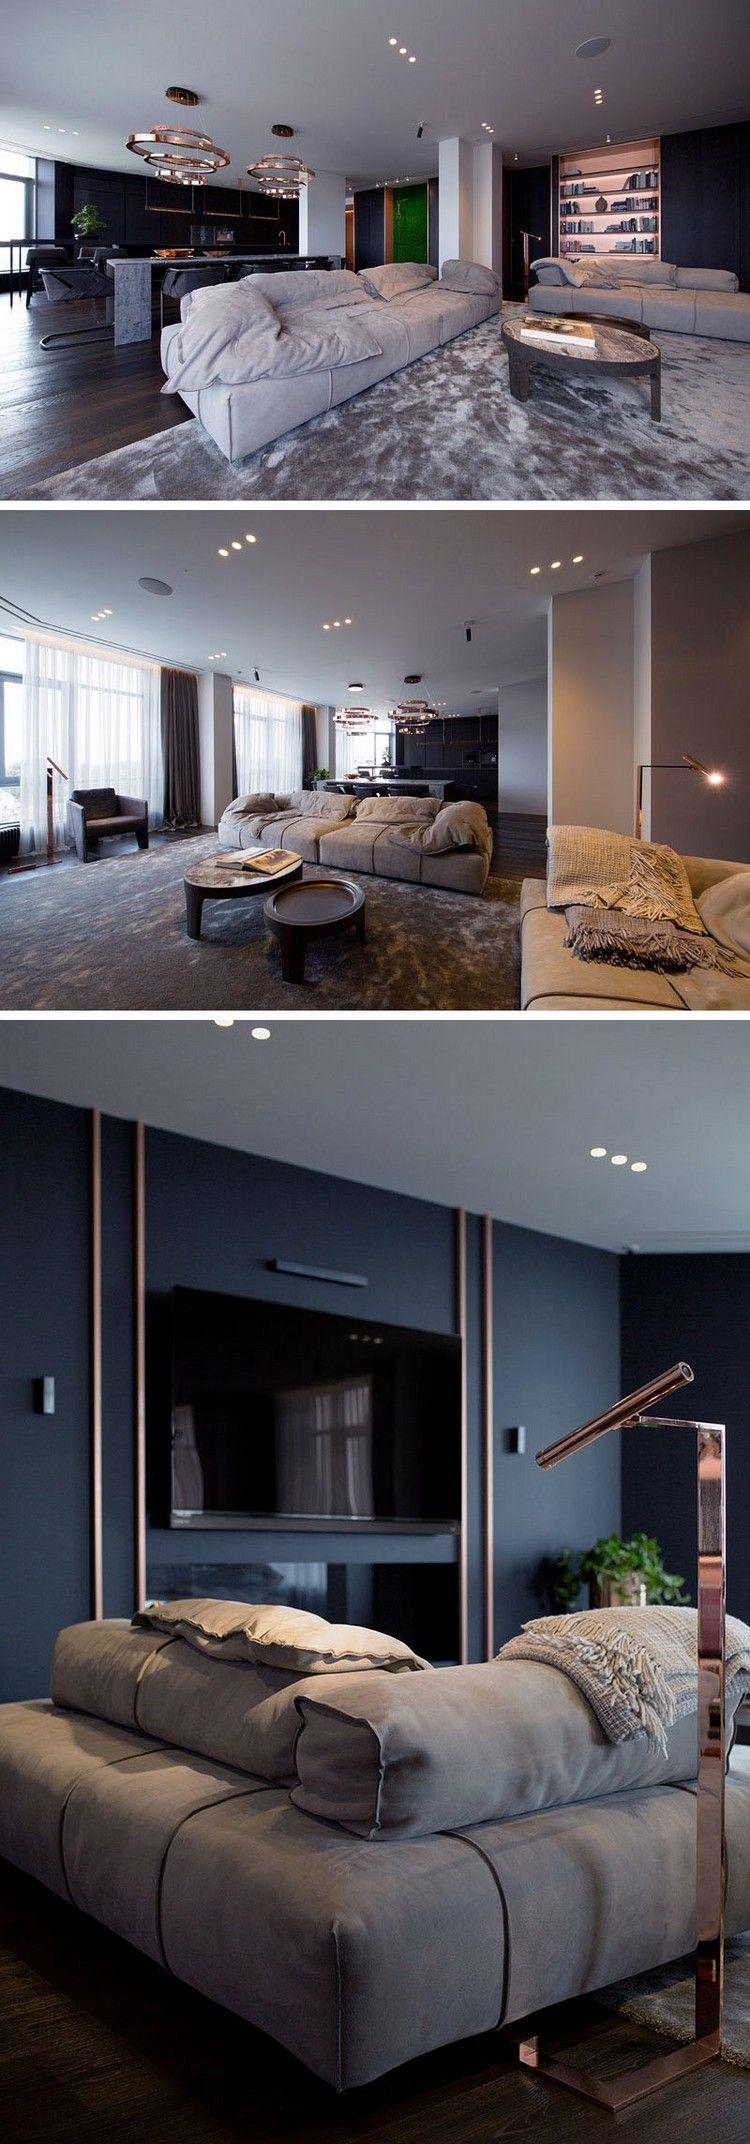 Offenes wohnzimmer kupfer akzente wanddeko leuchten for Dekoration wohnzimmer kupfer